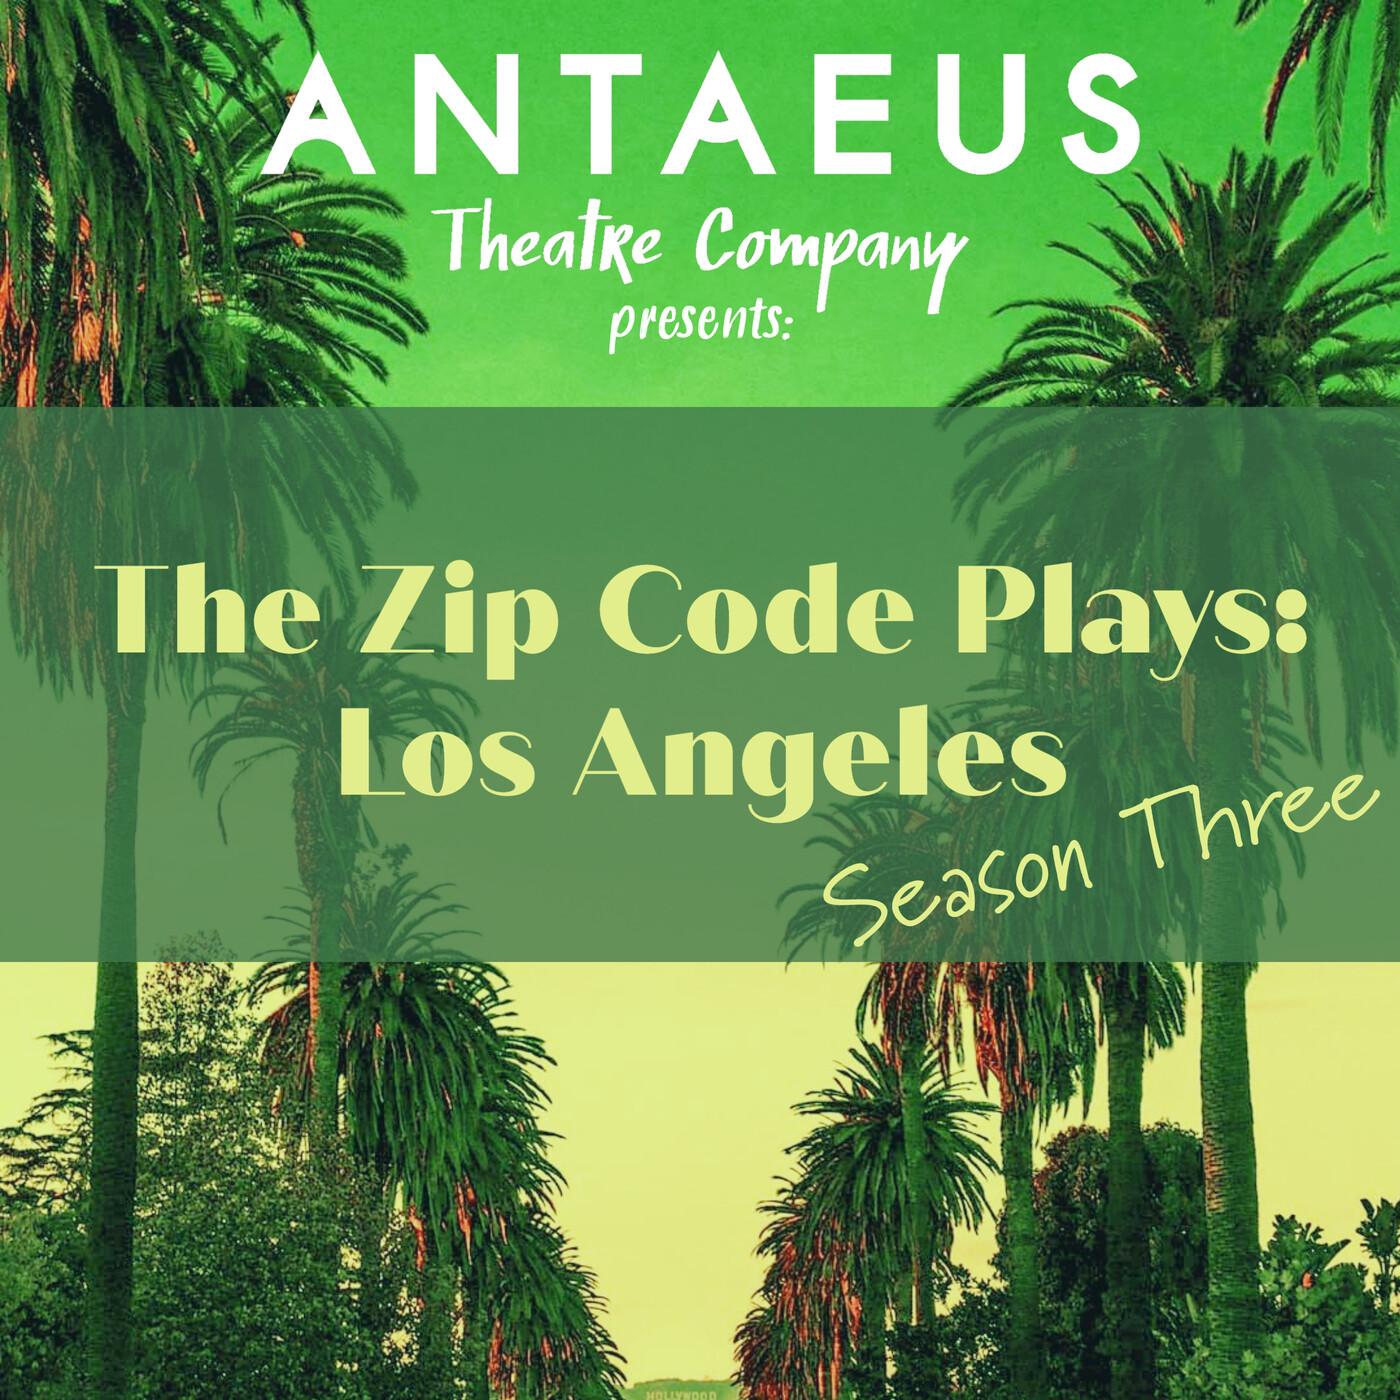 Coming Soon! The Zip Code Plays: Los Angeles